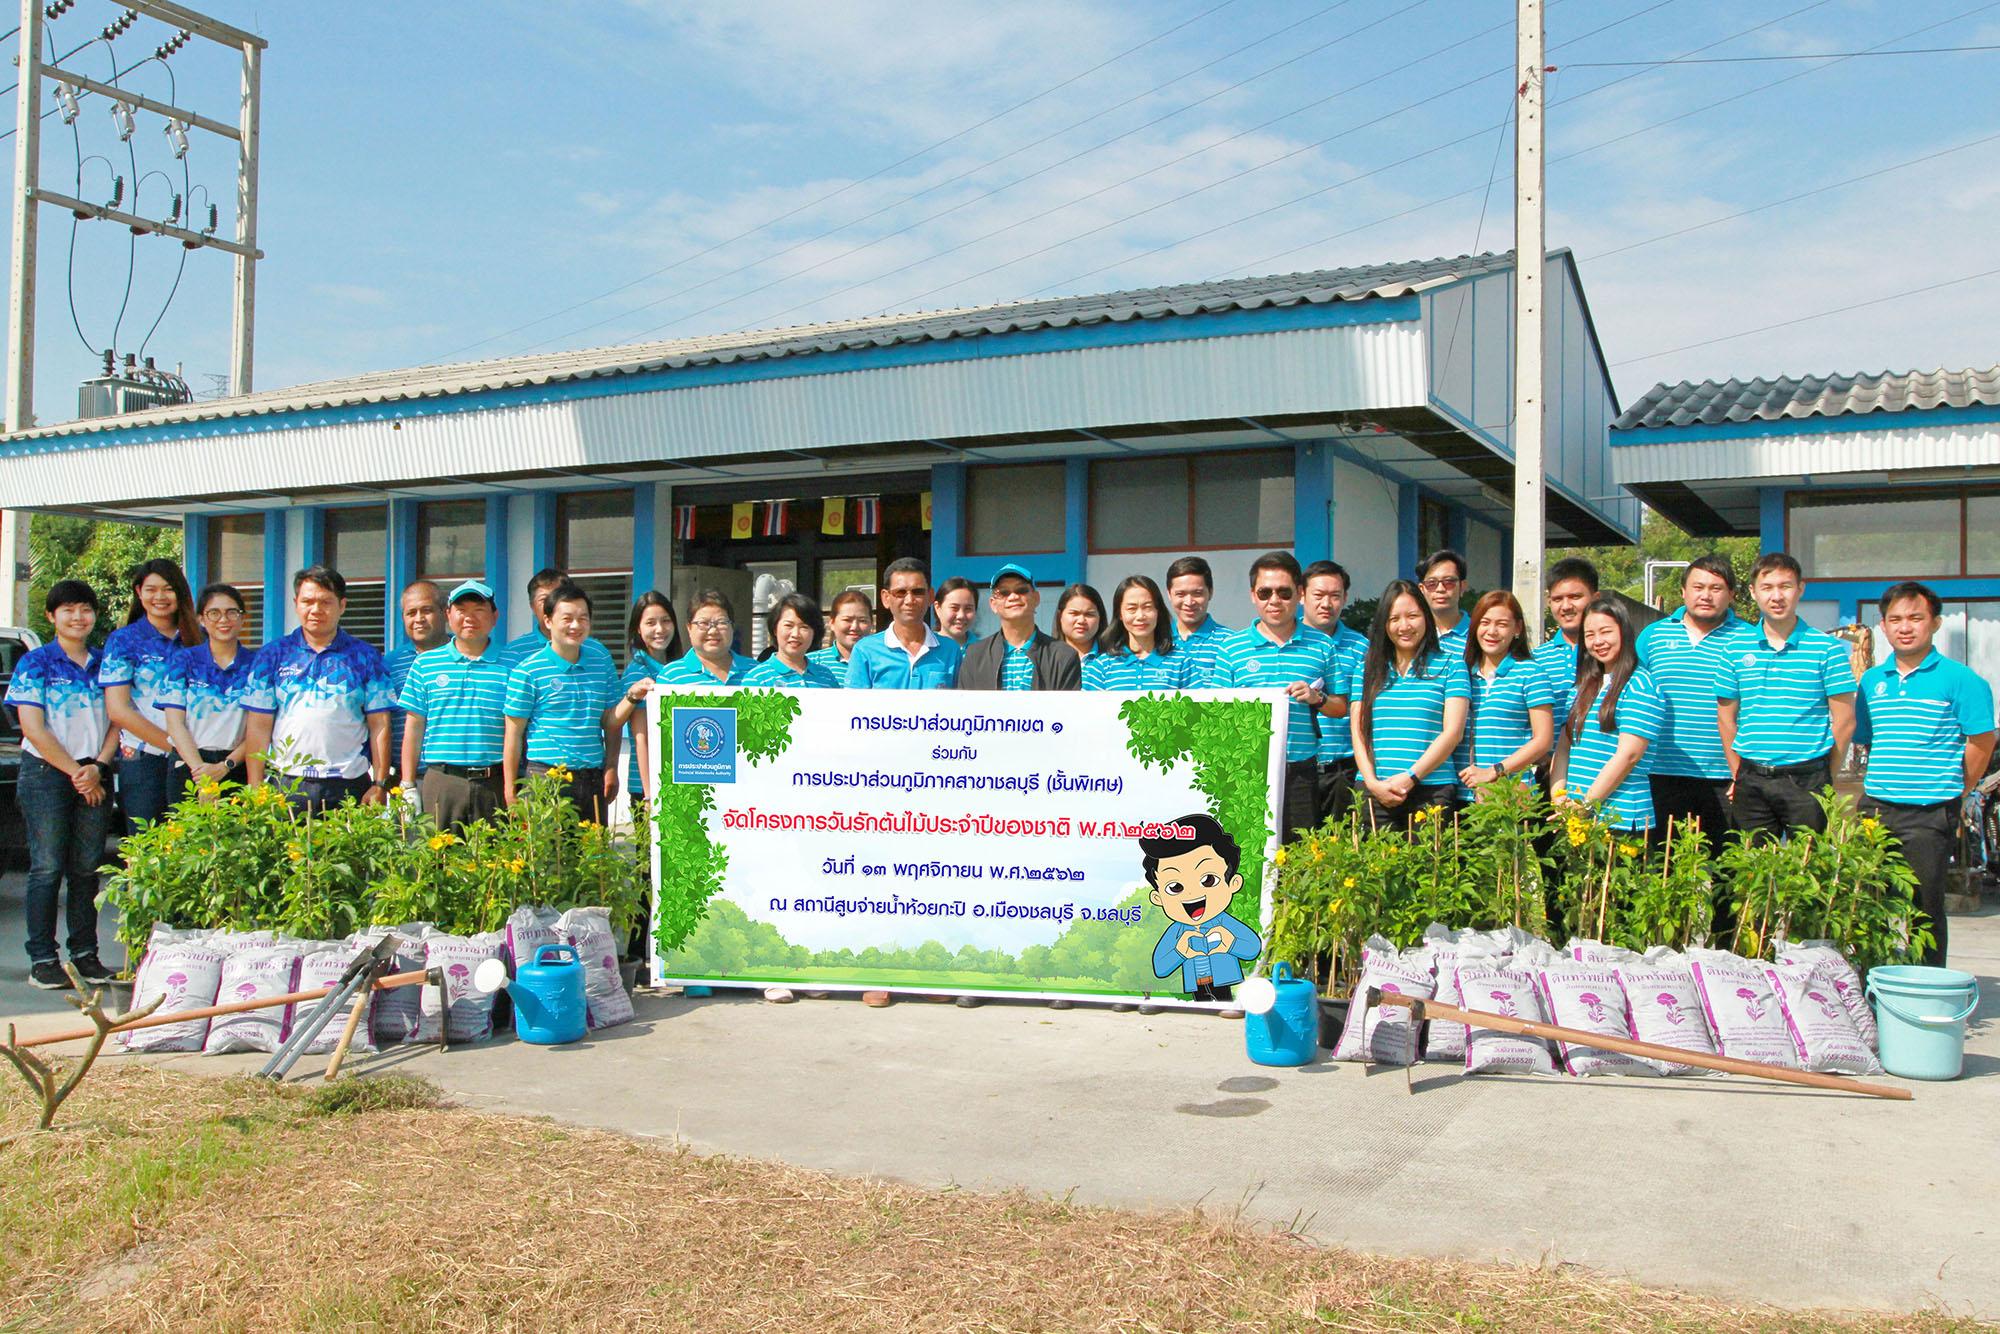 กปภ.สาขาชลบุรี (พ) ร่วมกับ กปภ.ข.1 จัดกิจกรรมปลูกต้นไม้ในโครงการวันรักต้นไม้ประจำปีของชาติ 2562